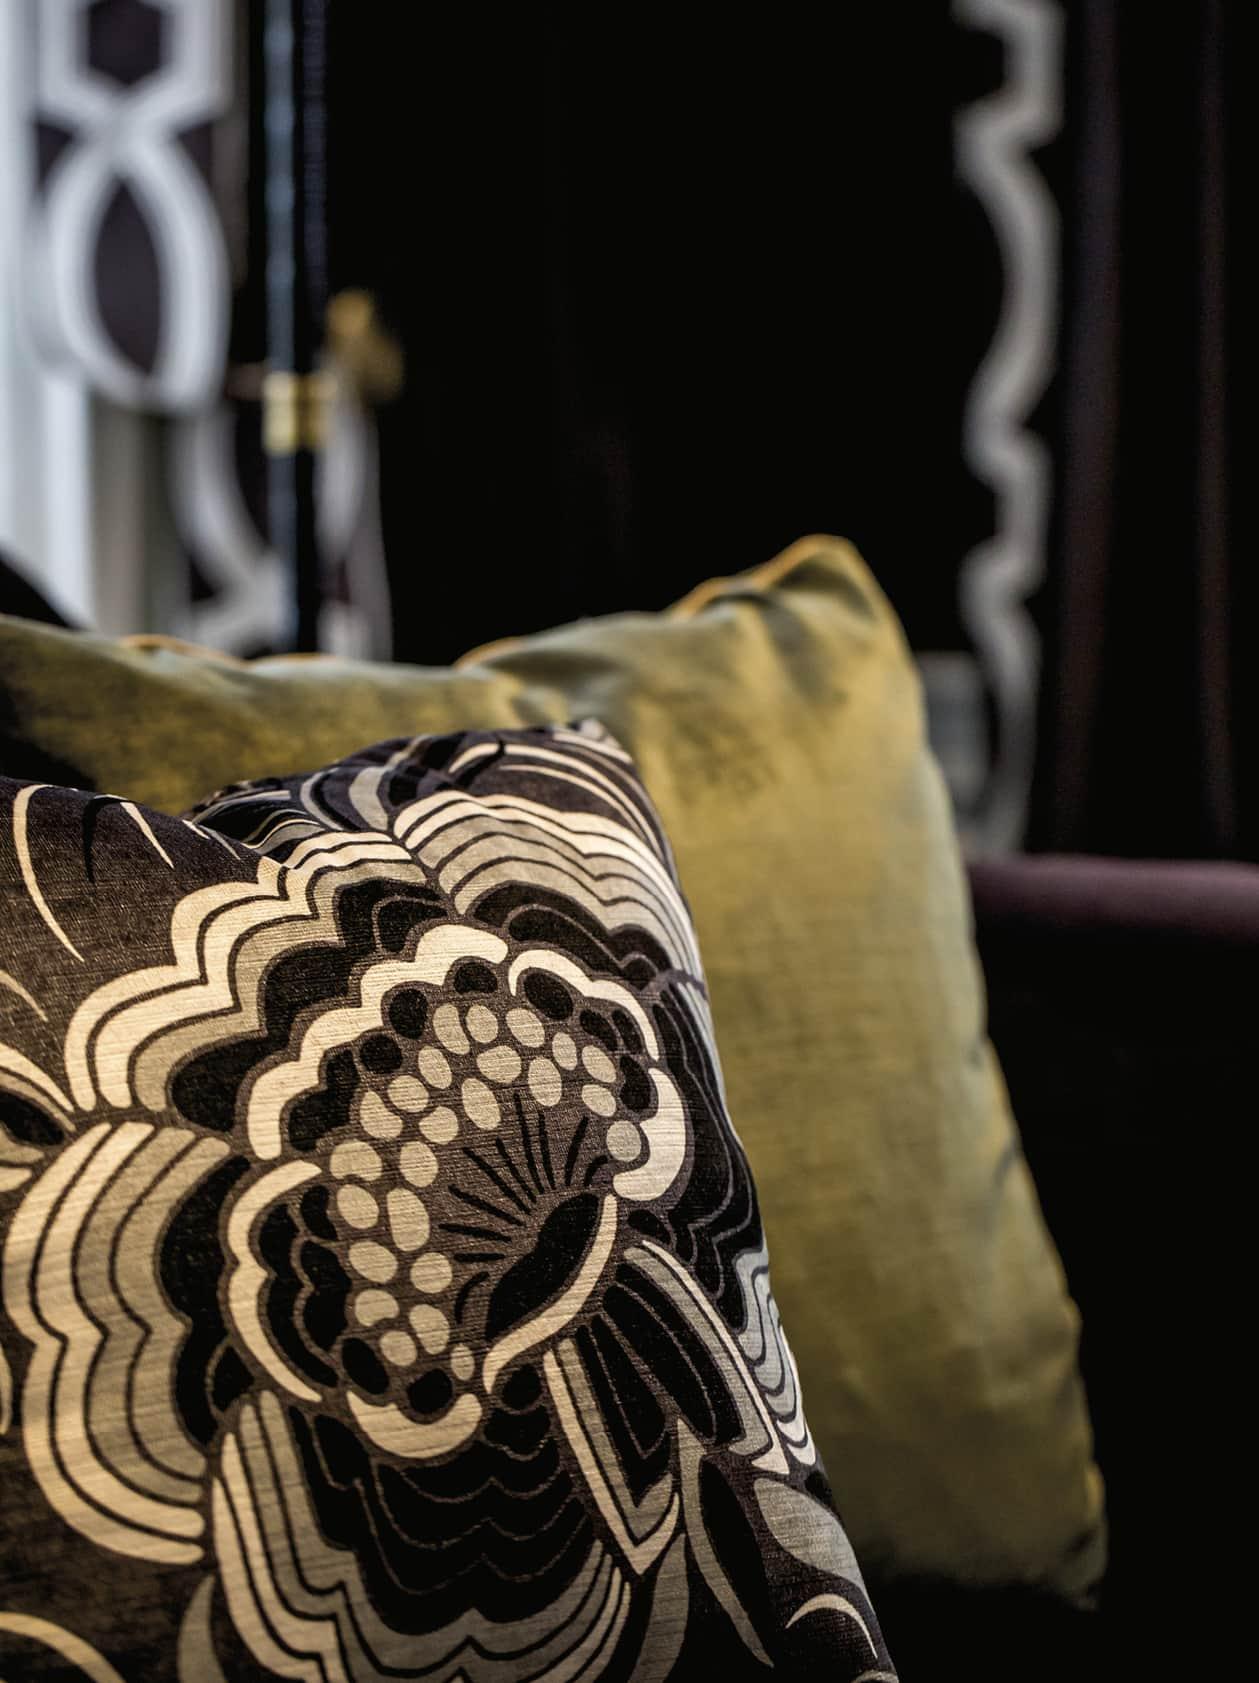 Closeup of sofa pillows